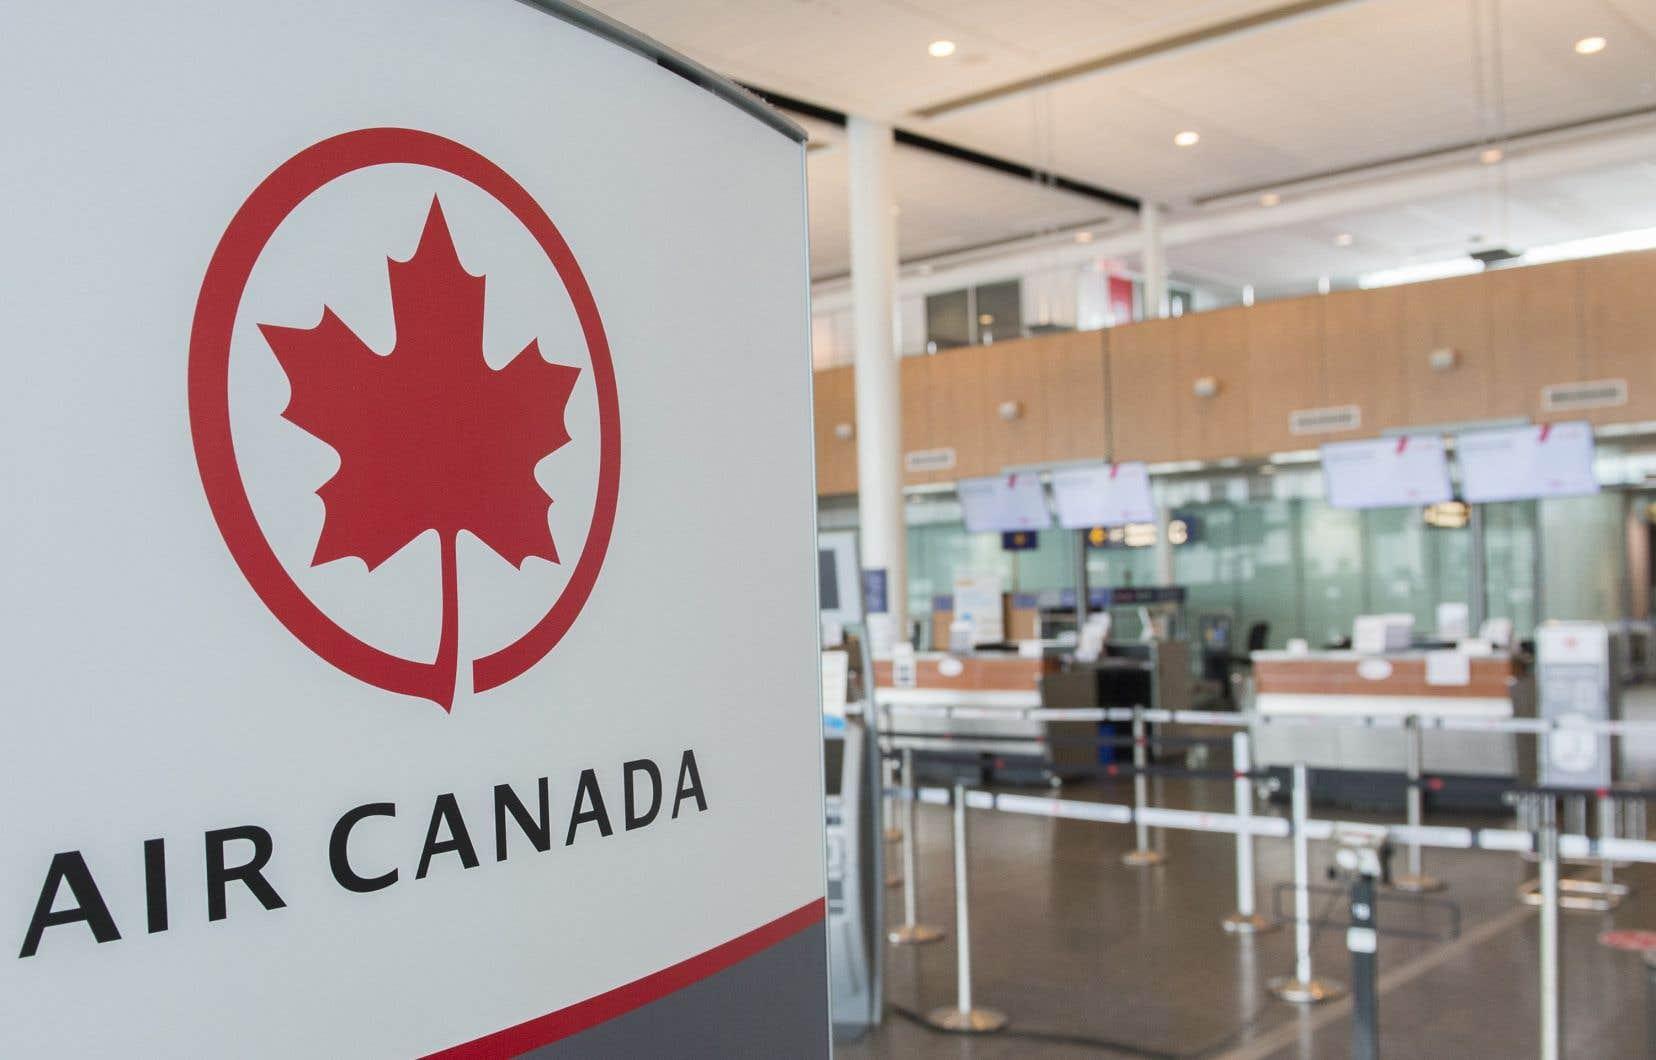 Air Canada a indiqué que les clients quiavaient reçu un bon de voyage de 24 mois après l'annulation du vol pour lequel ils avaient un billet non remboursable pourront recevoir un nouveau bon sans date d'expiration.